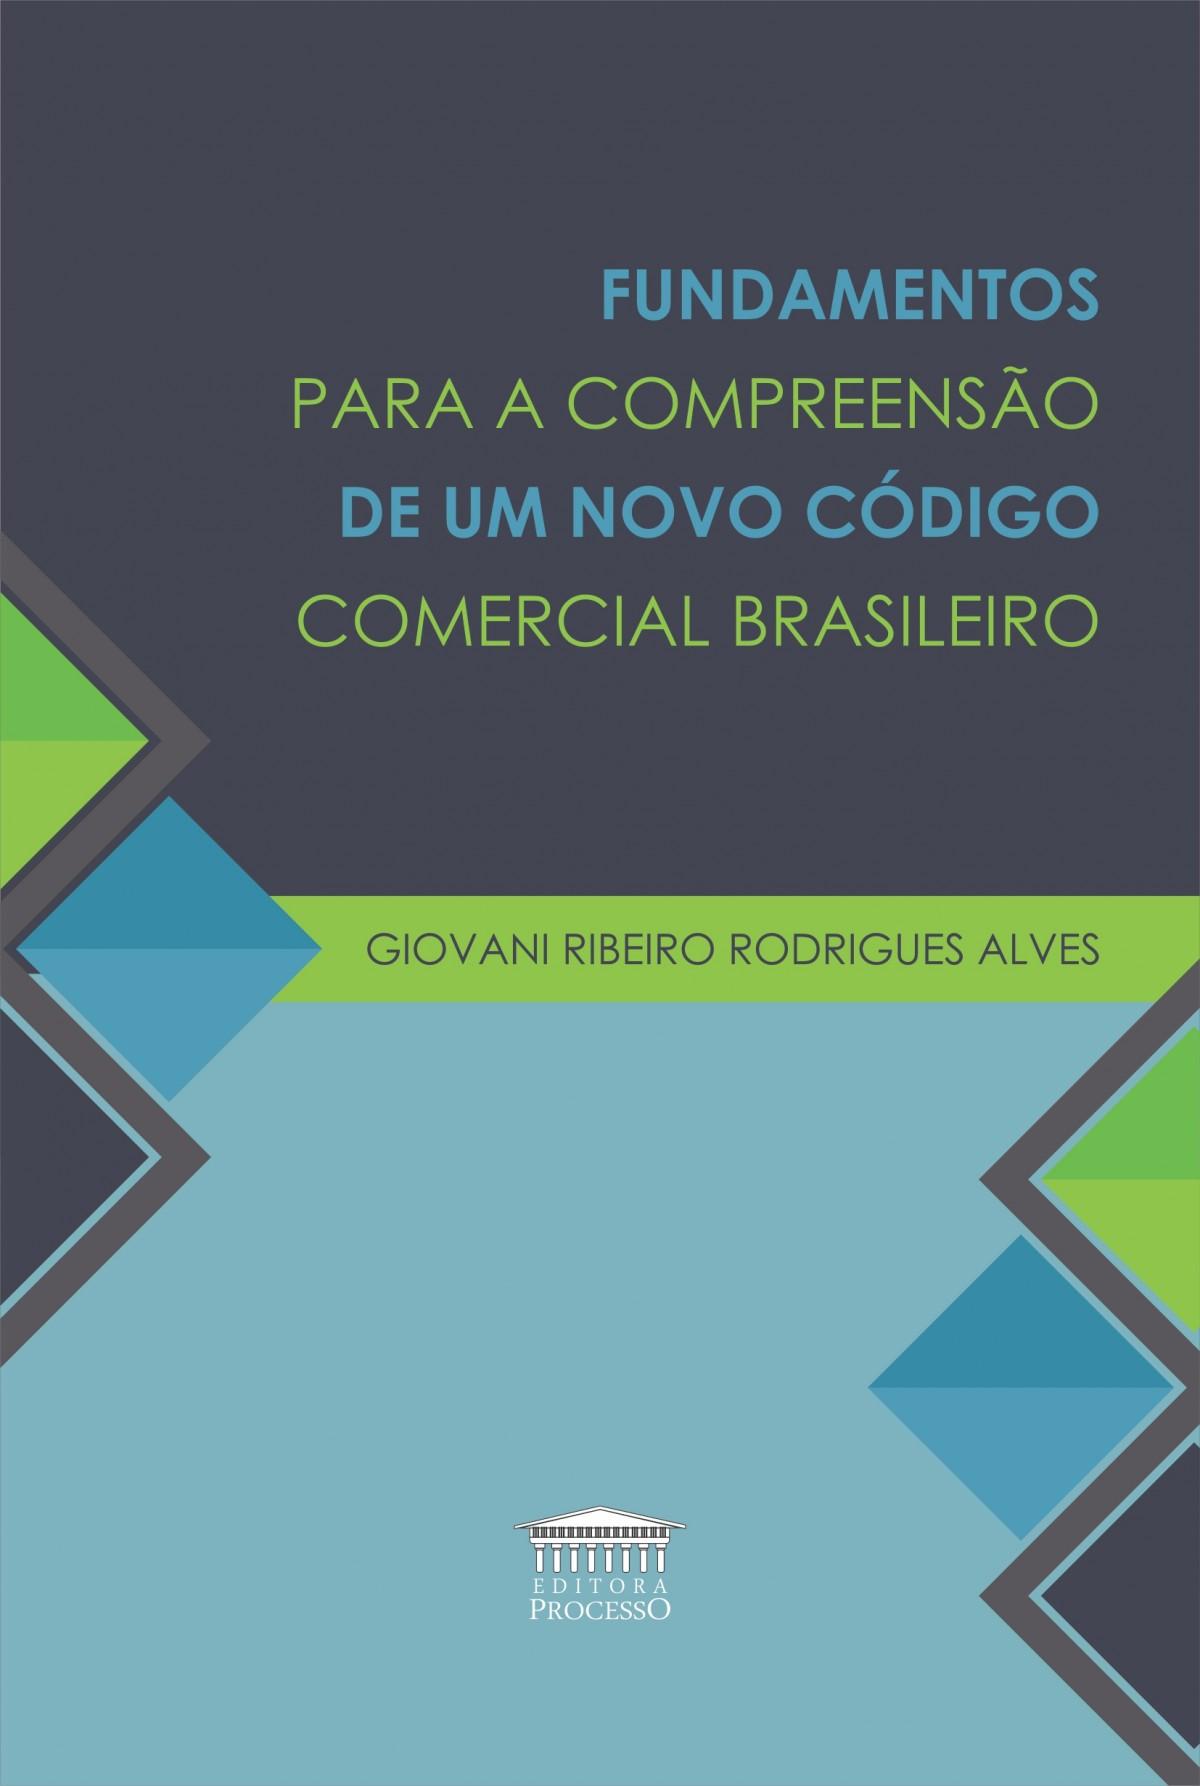 Foto 1 - Fundamentos para a Compreensão de Um Novo Código Comercial Brasileiro